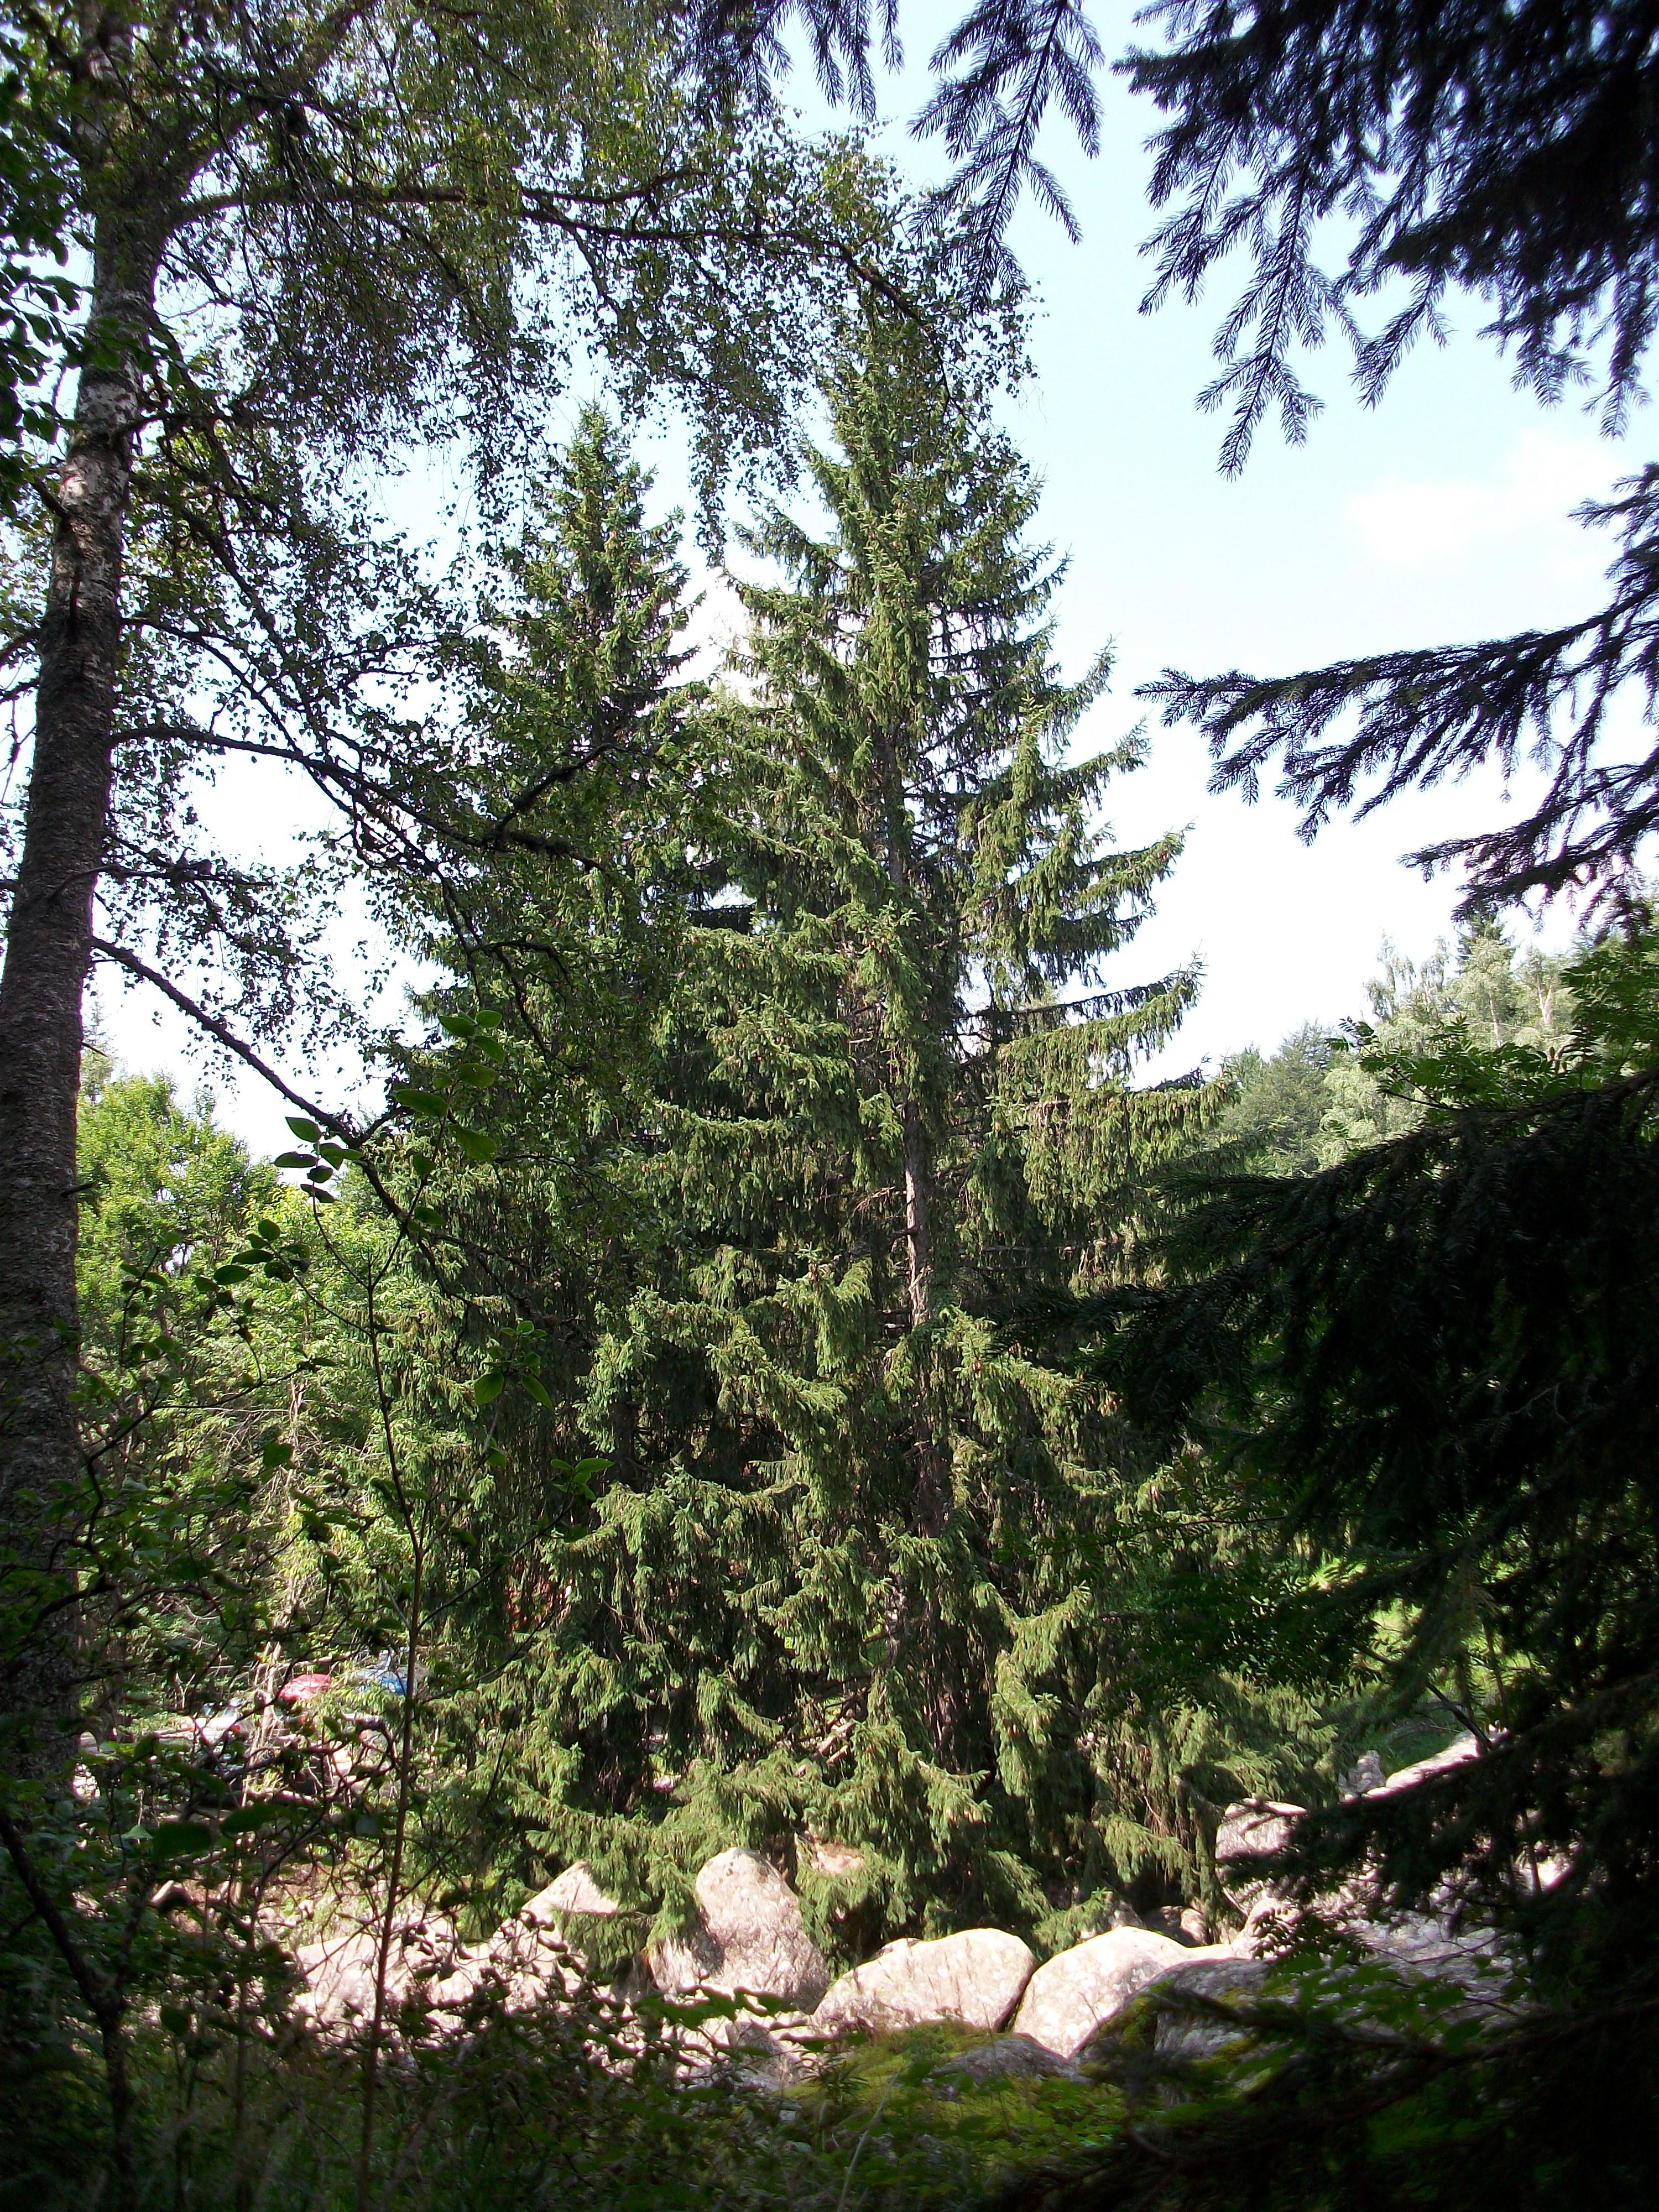 The Tree, Tree, Vitosha, Pine, Park, HQ Photo